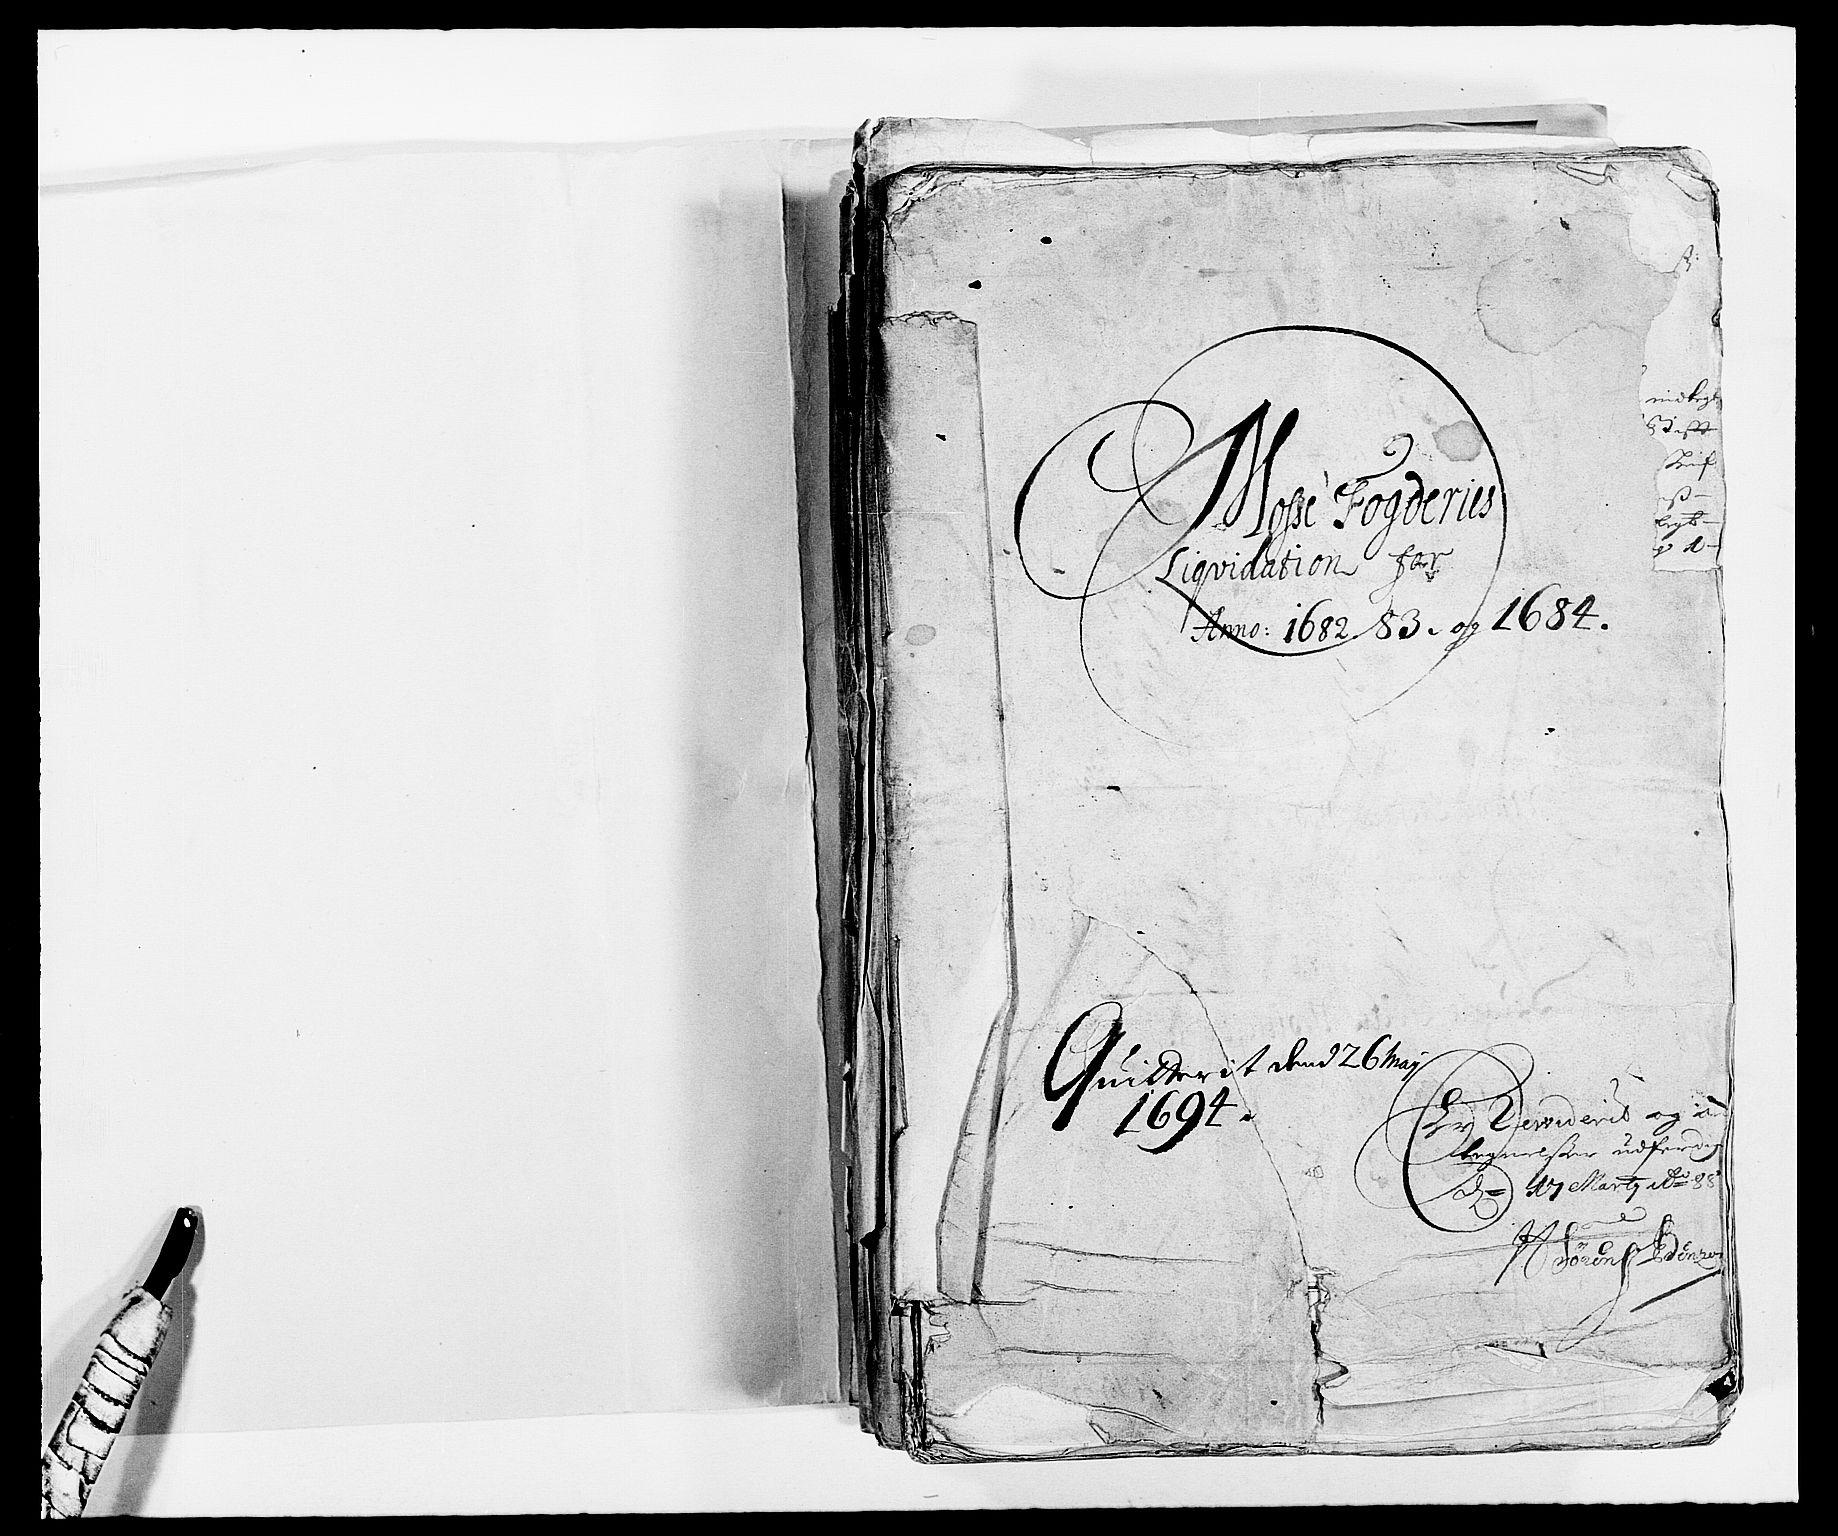 RA, Rentekammeret inntil 1814, Reviderte regnskaper, Fogderegnskap, R02/L0104: Fogderegnskap Moss og Verne kloster, 1682-1684, s. 2